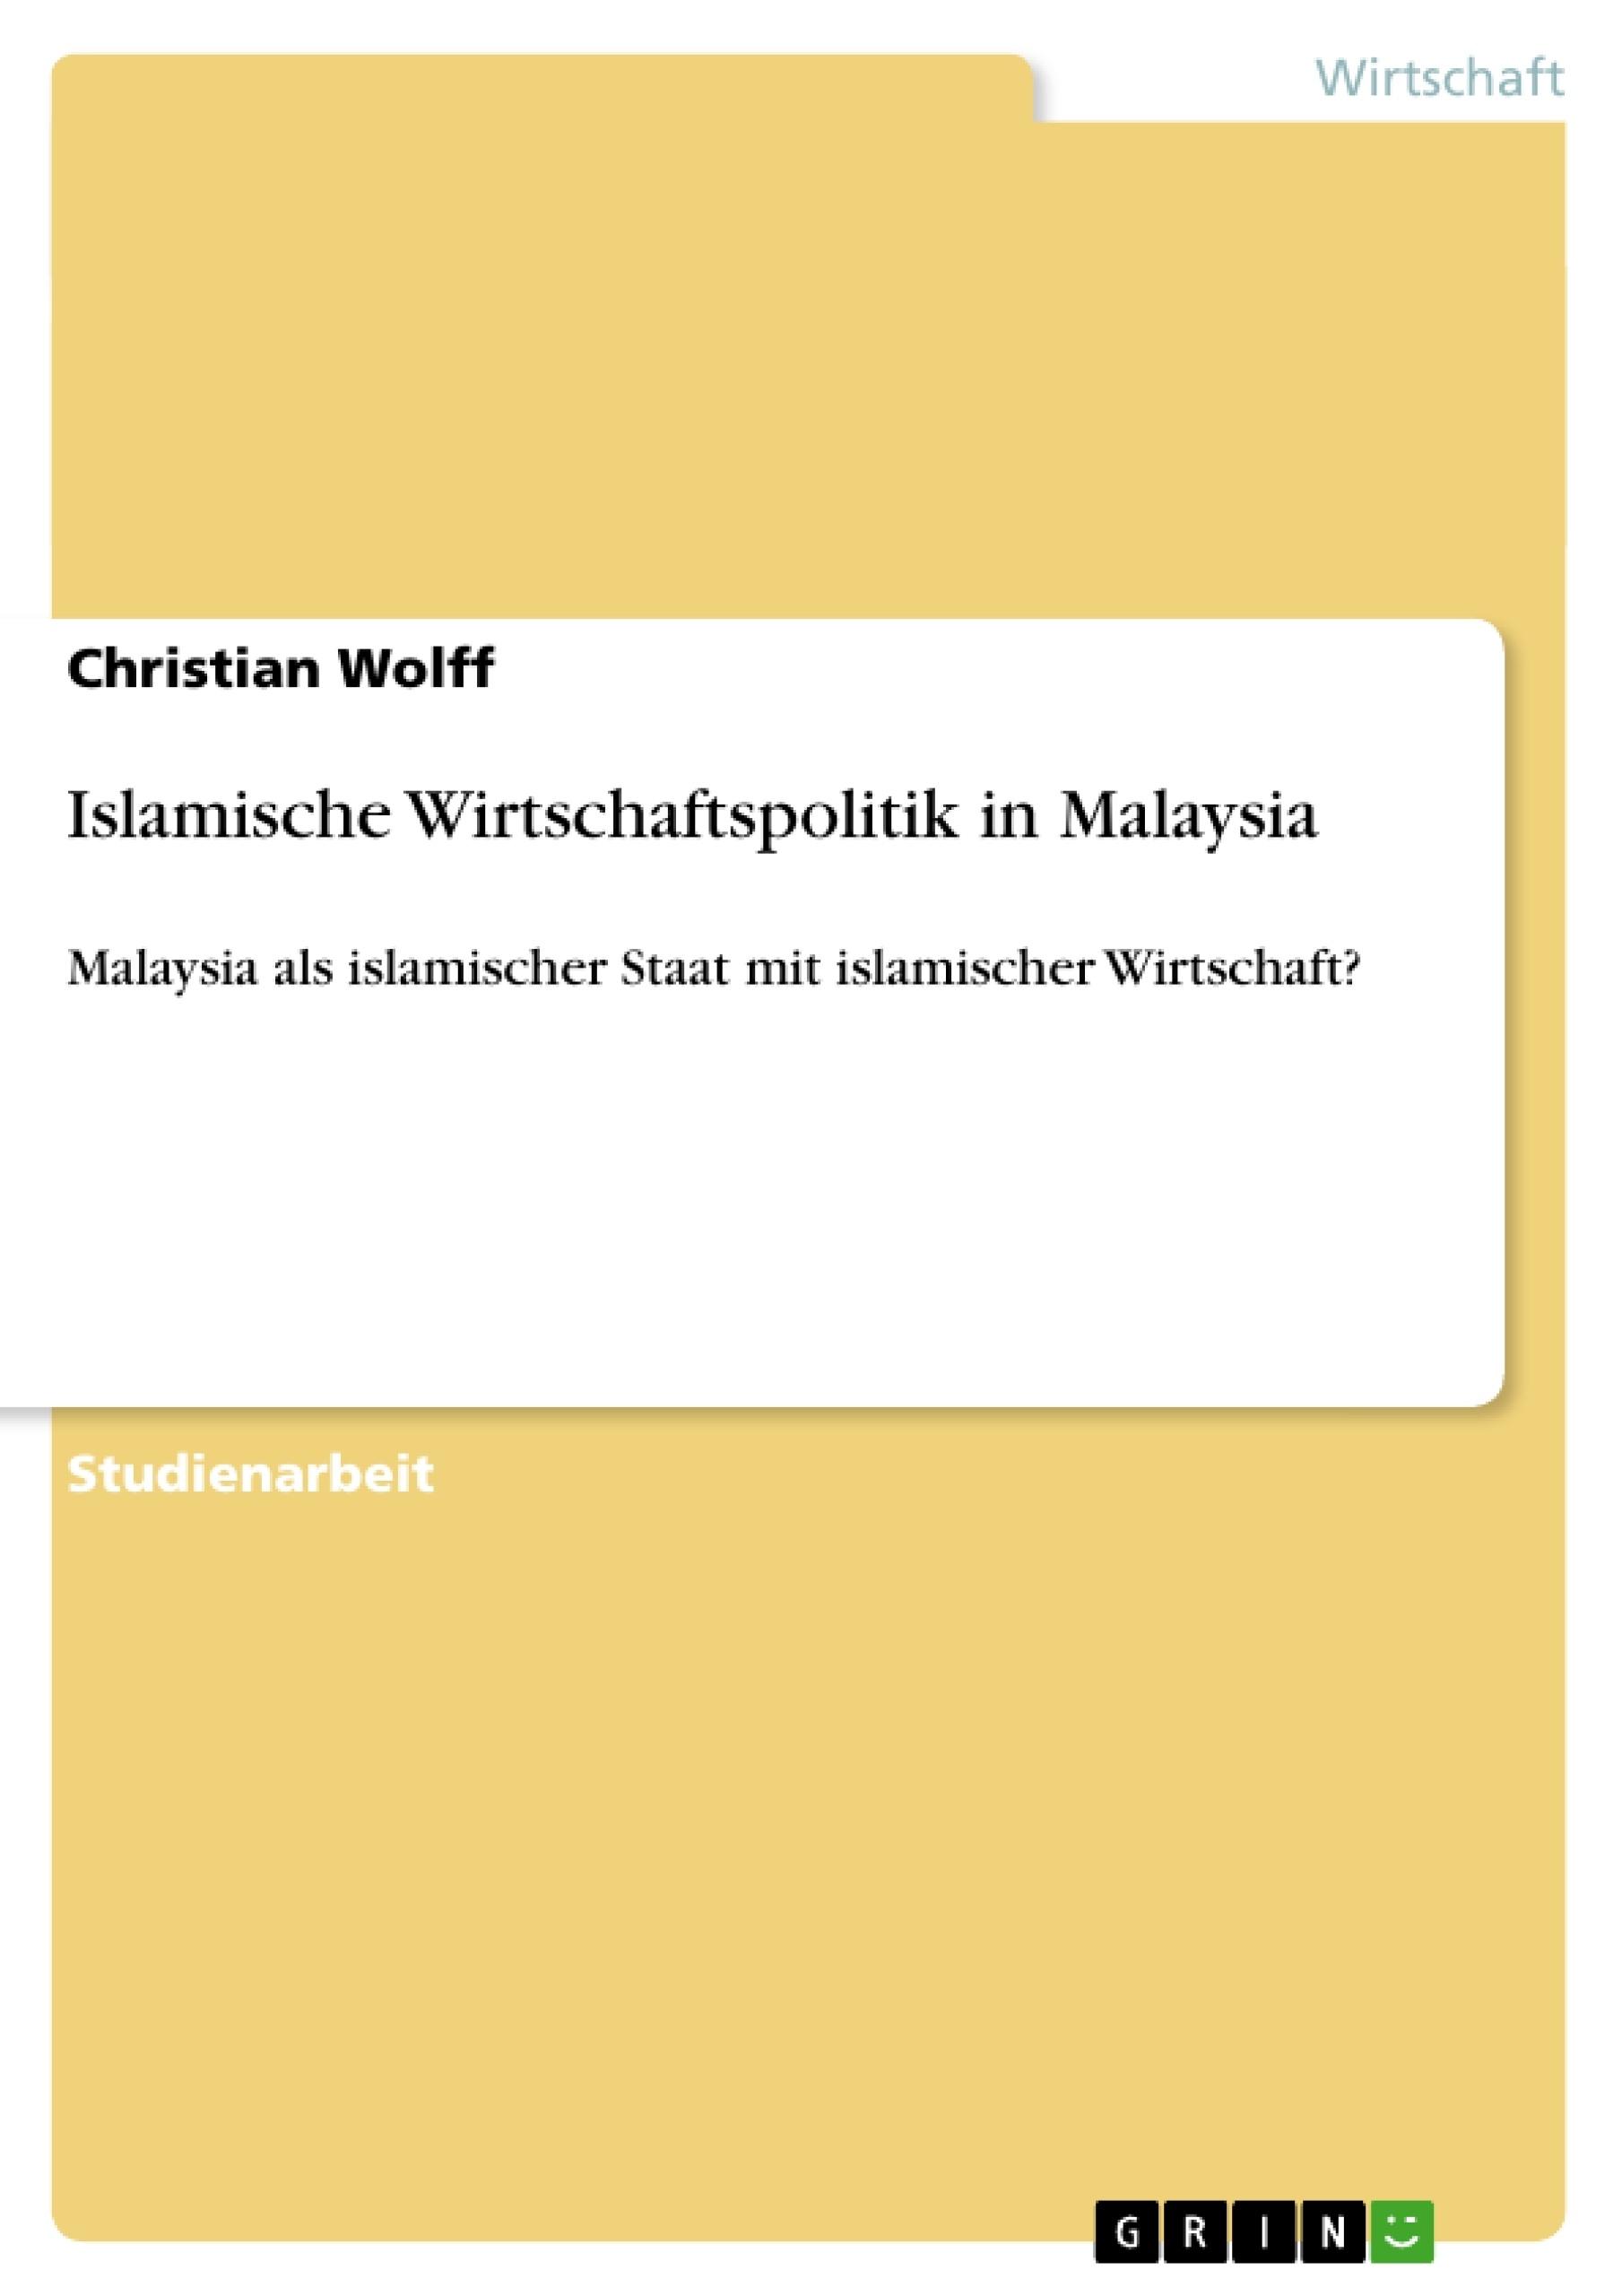 Titel: Islamische Wirtschaftspolitik in Malaysia